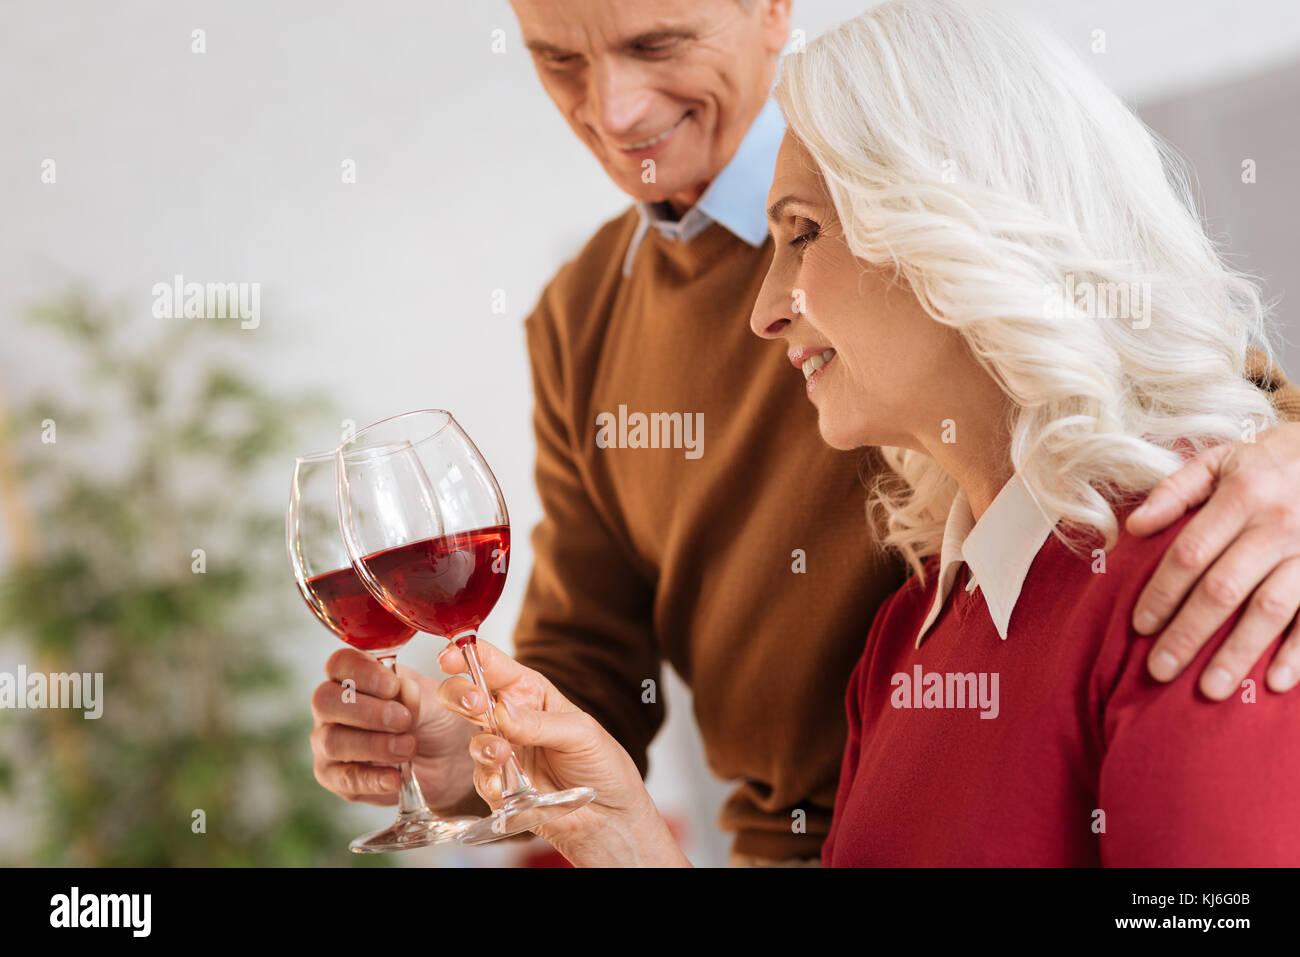 Allegro coppia sposata a bere vino rosso Immagini Stock